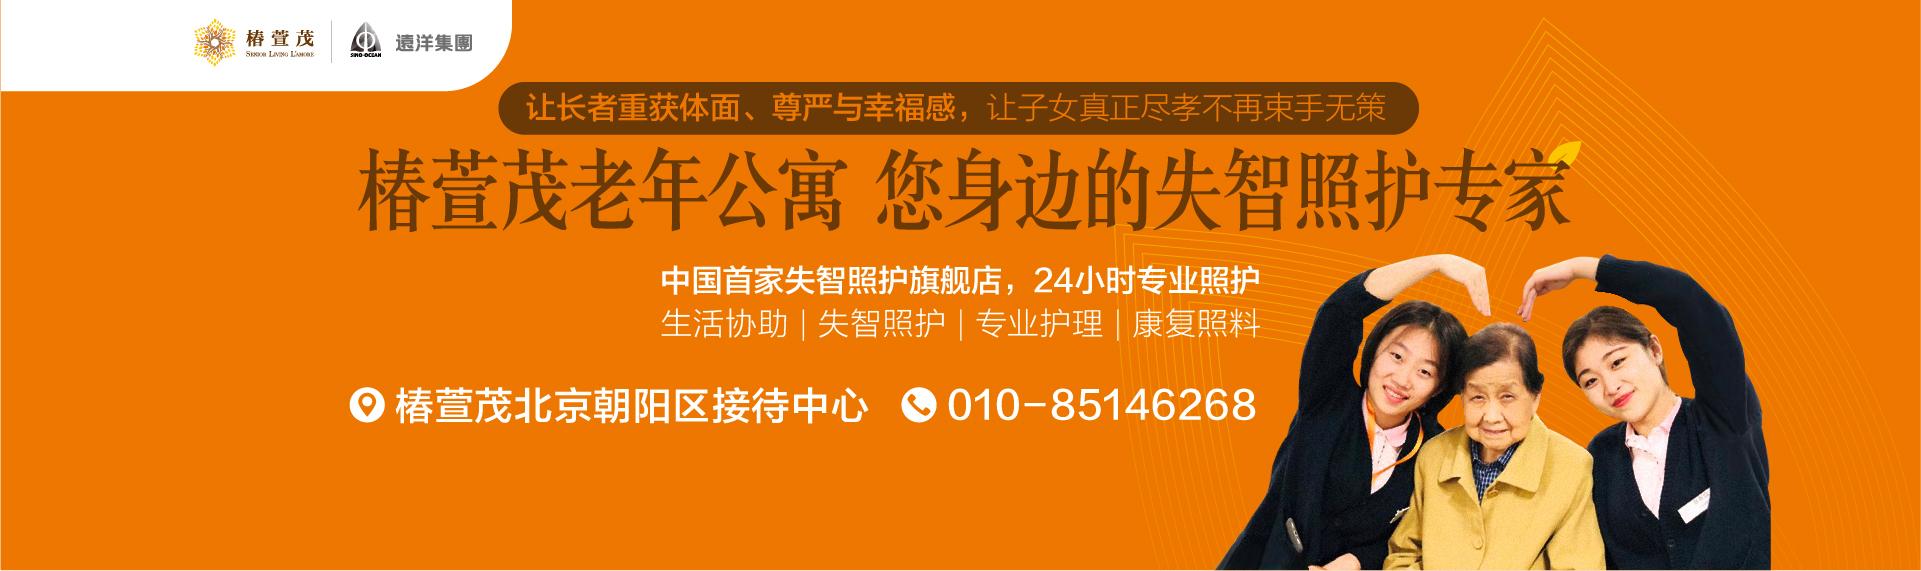 椿萱茂双桥广告